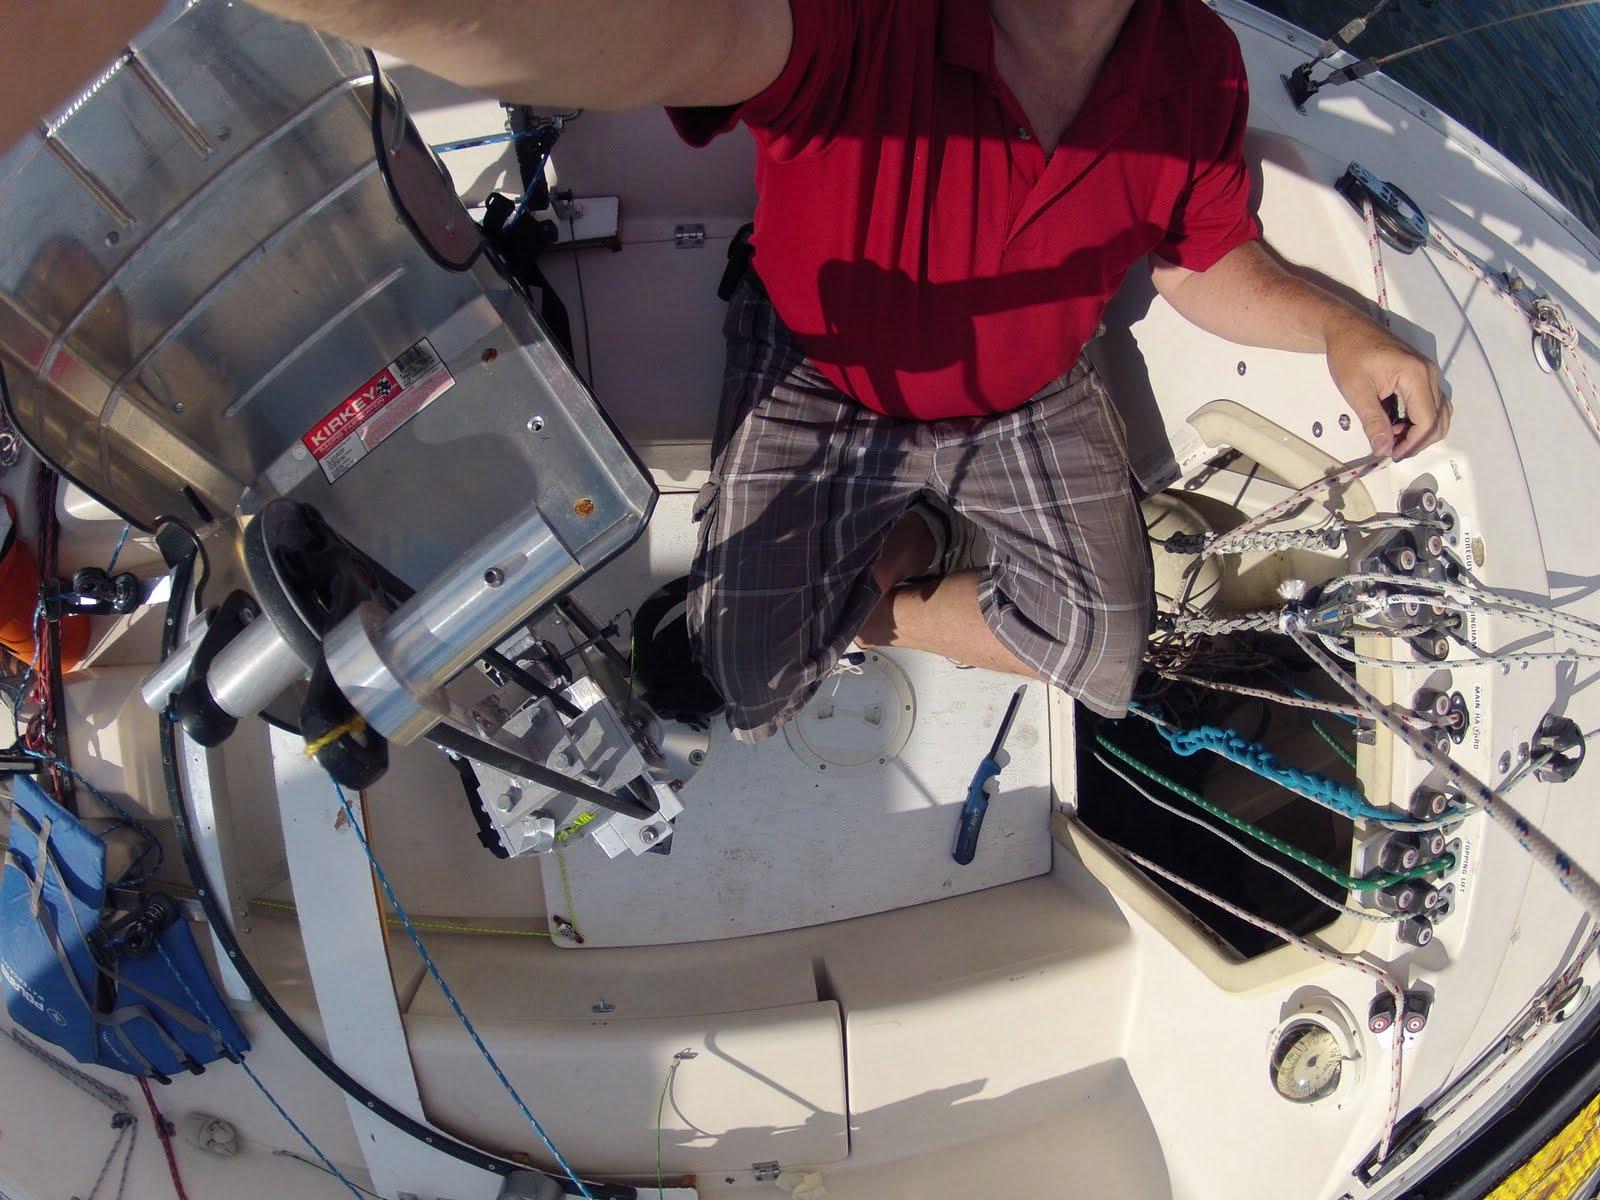 Steve testing Gopro camera last Thursday